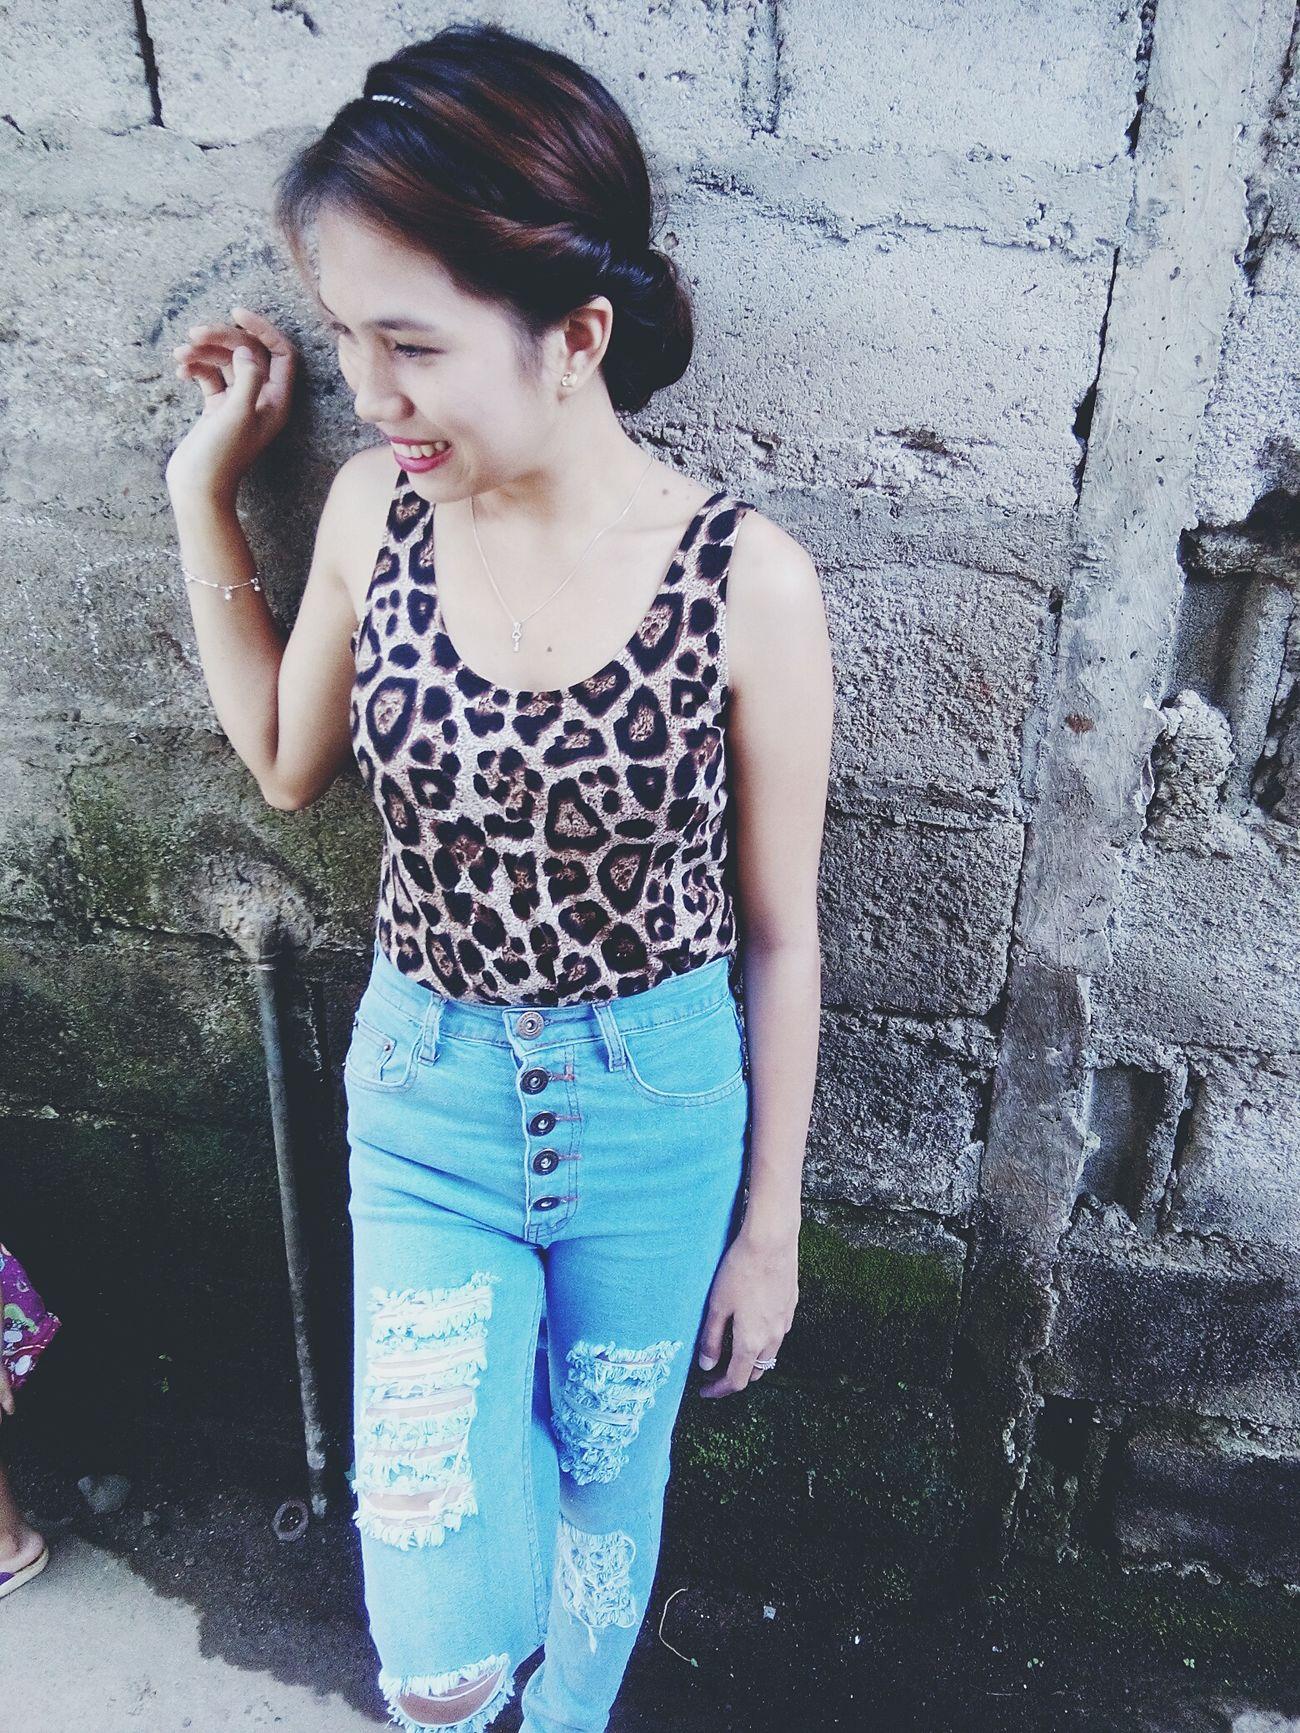 Keep smiling. 😊😃😀😉☺😄